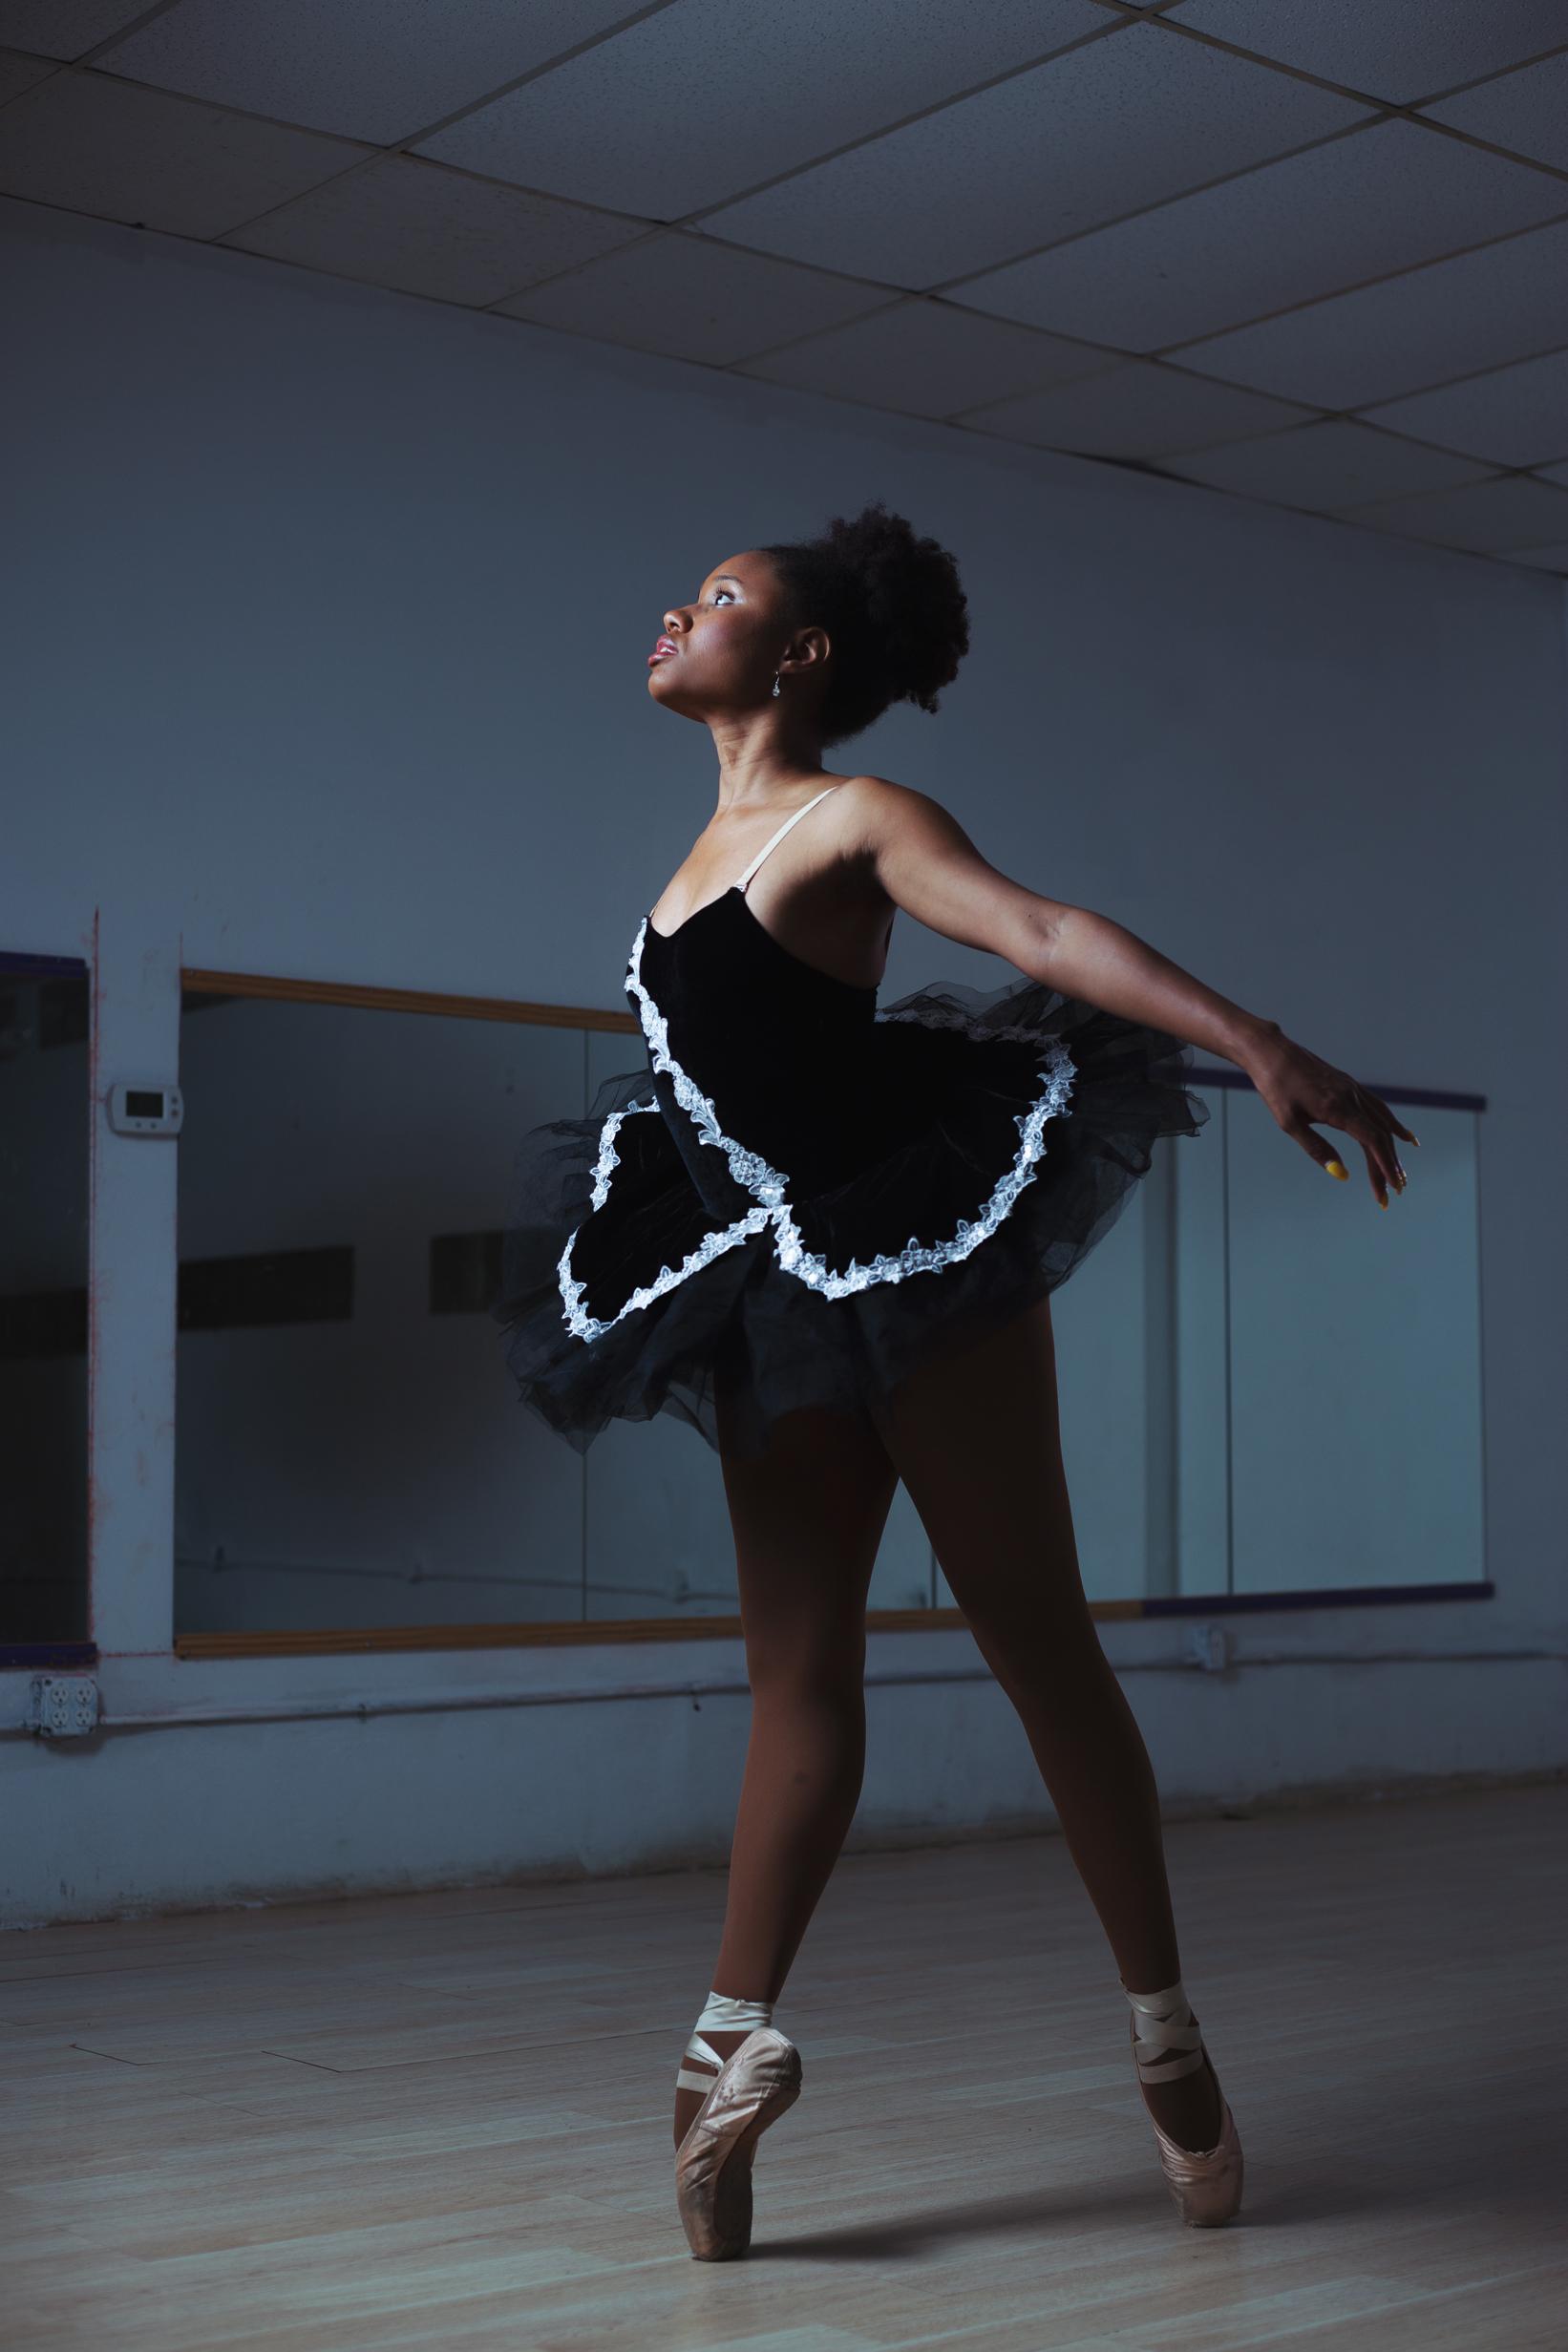 ballet-dancer-chamber-photographer-antoine-hart.jpg